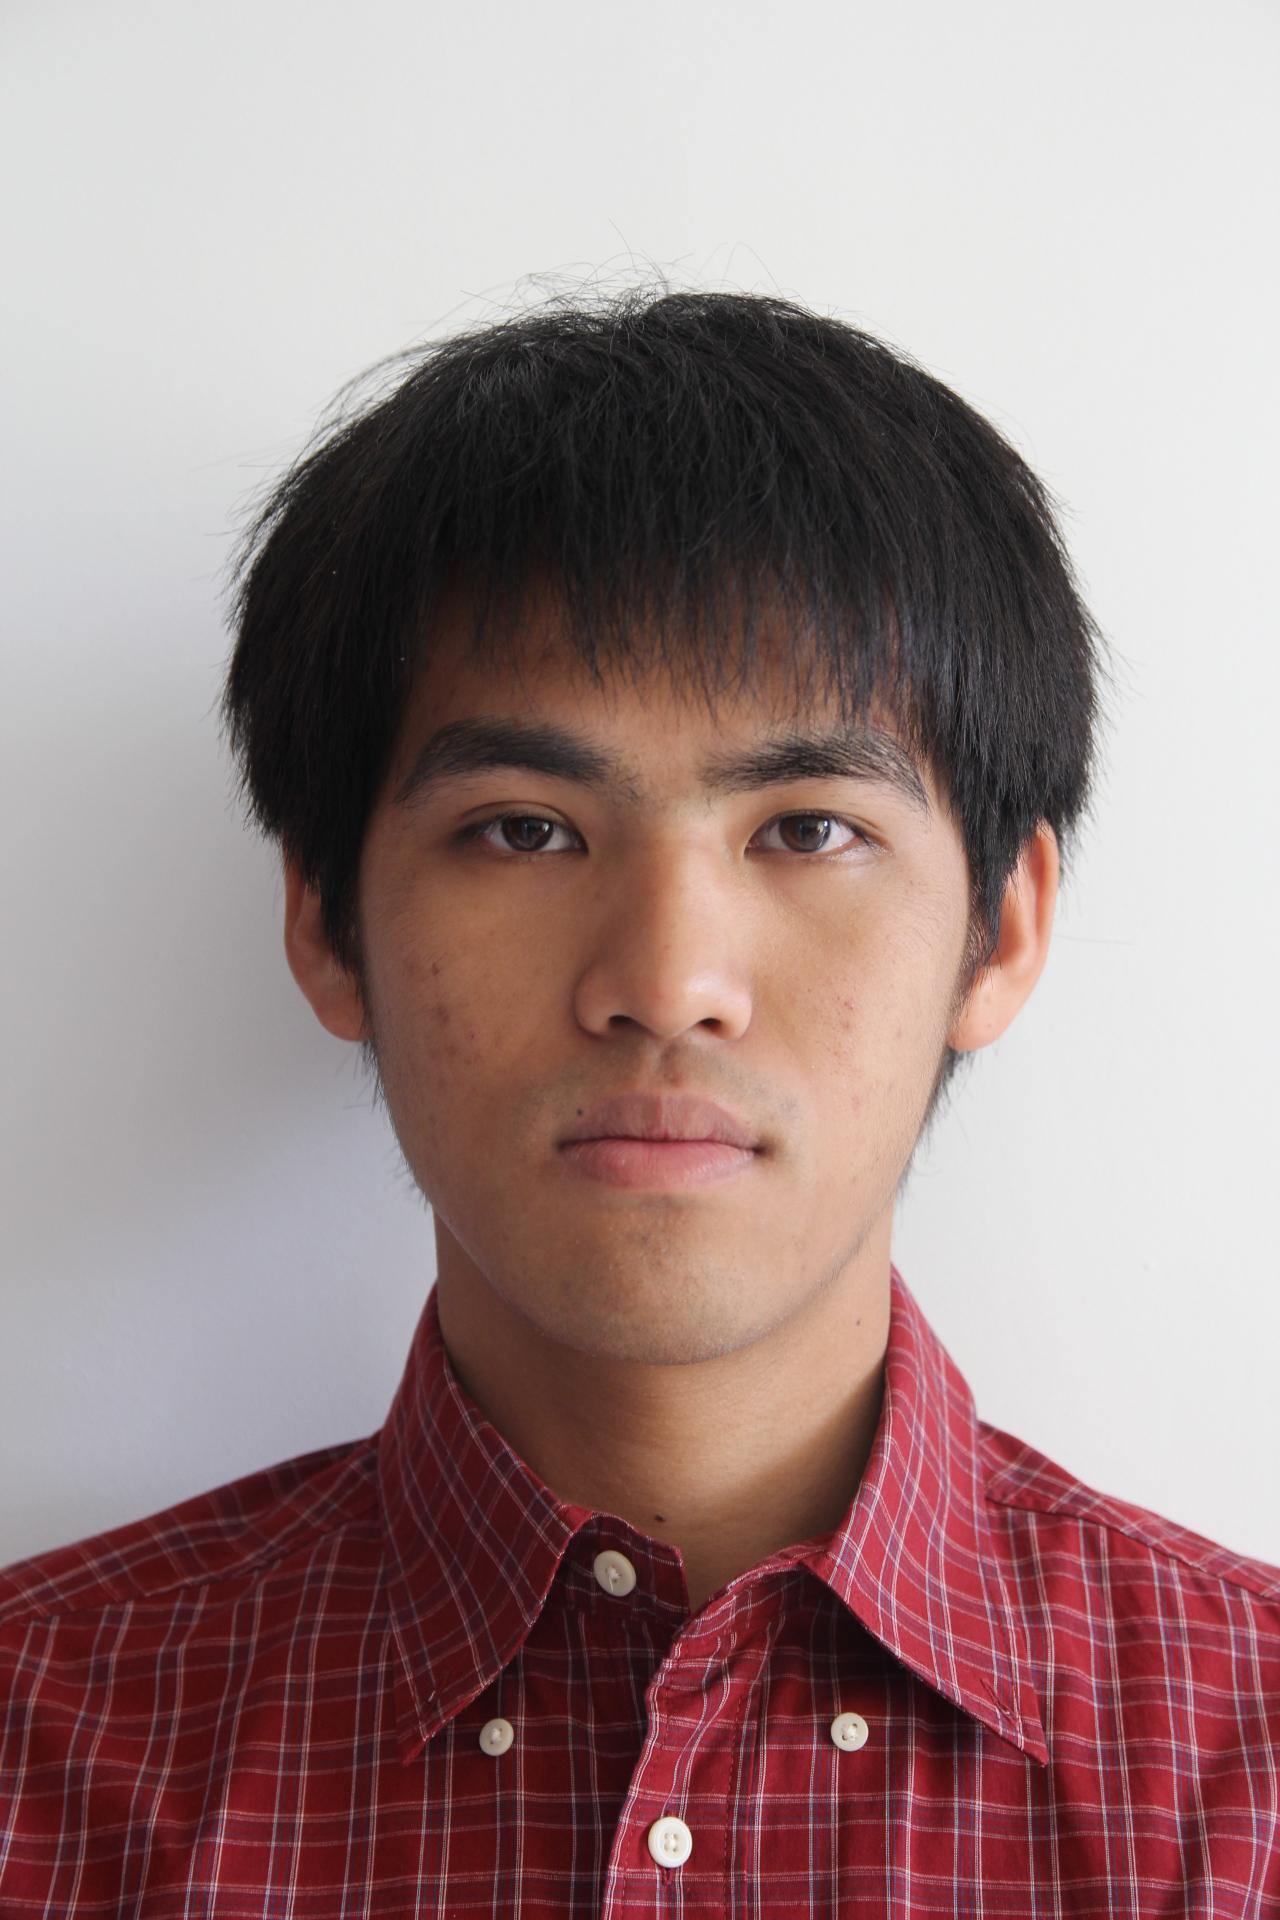 Tan Xiao Yi